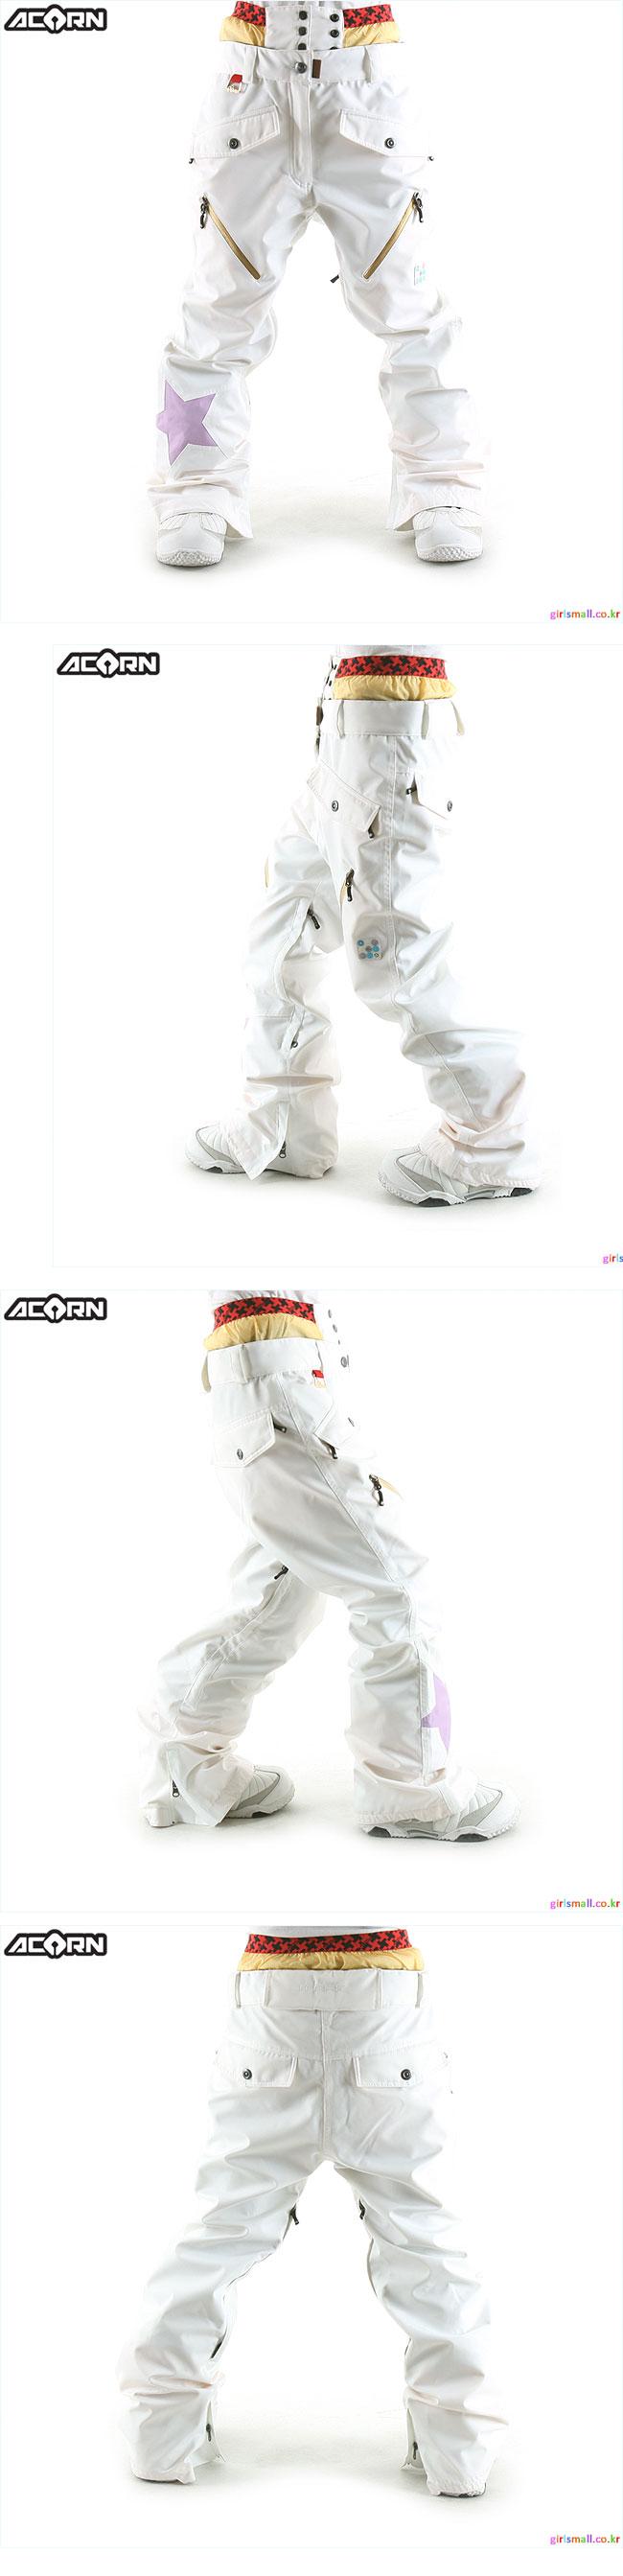 f156b88aff696 0809에이콘신상품 acornkorea | HIT : 5,005 UPLOAD 1 ...